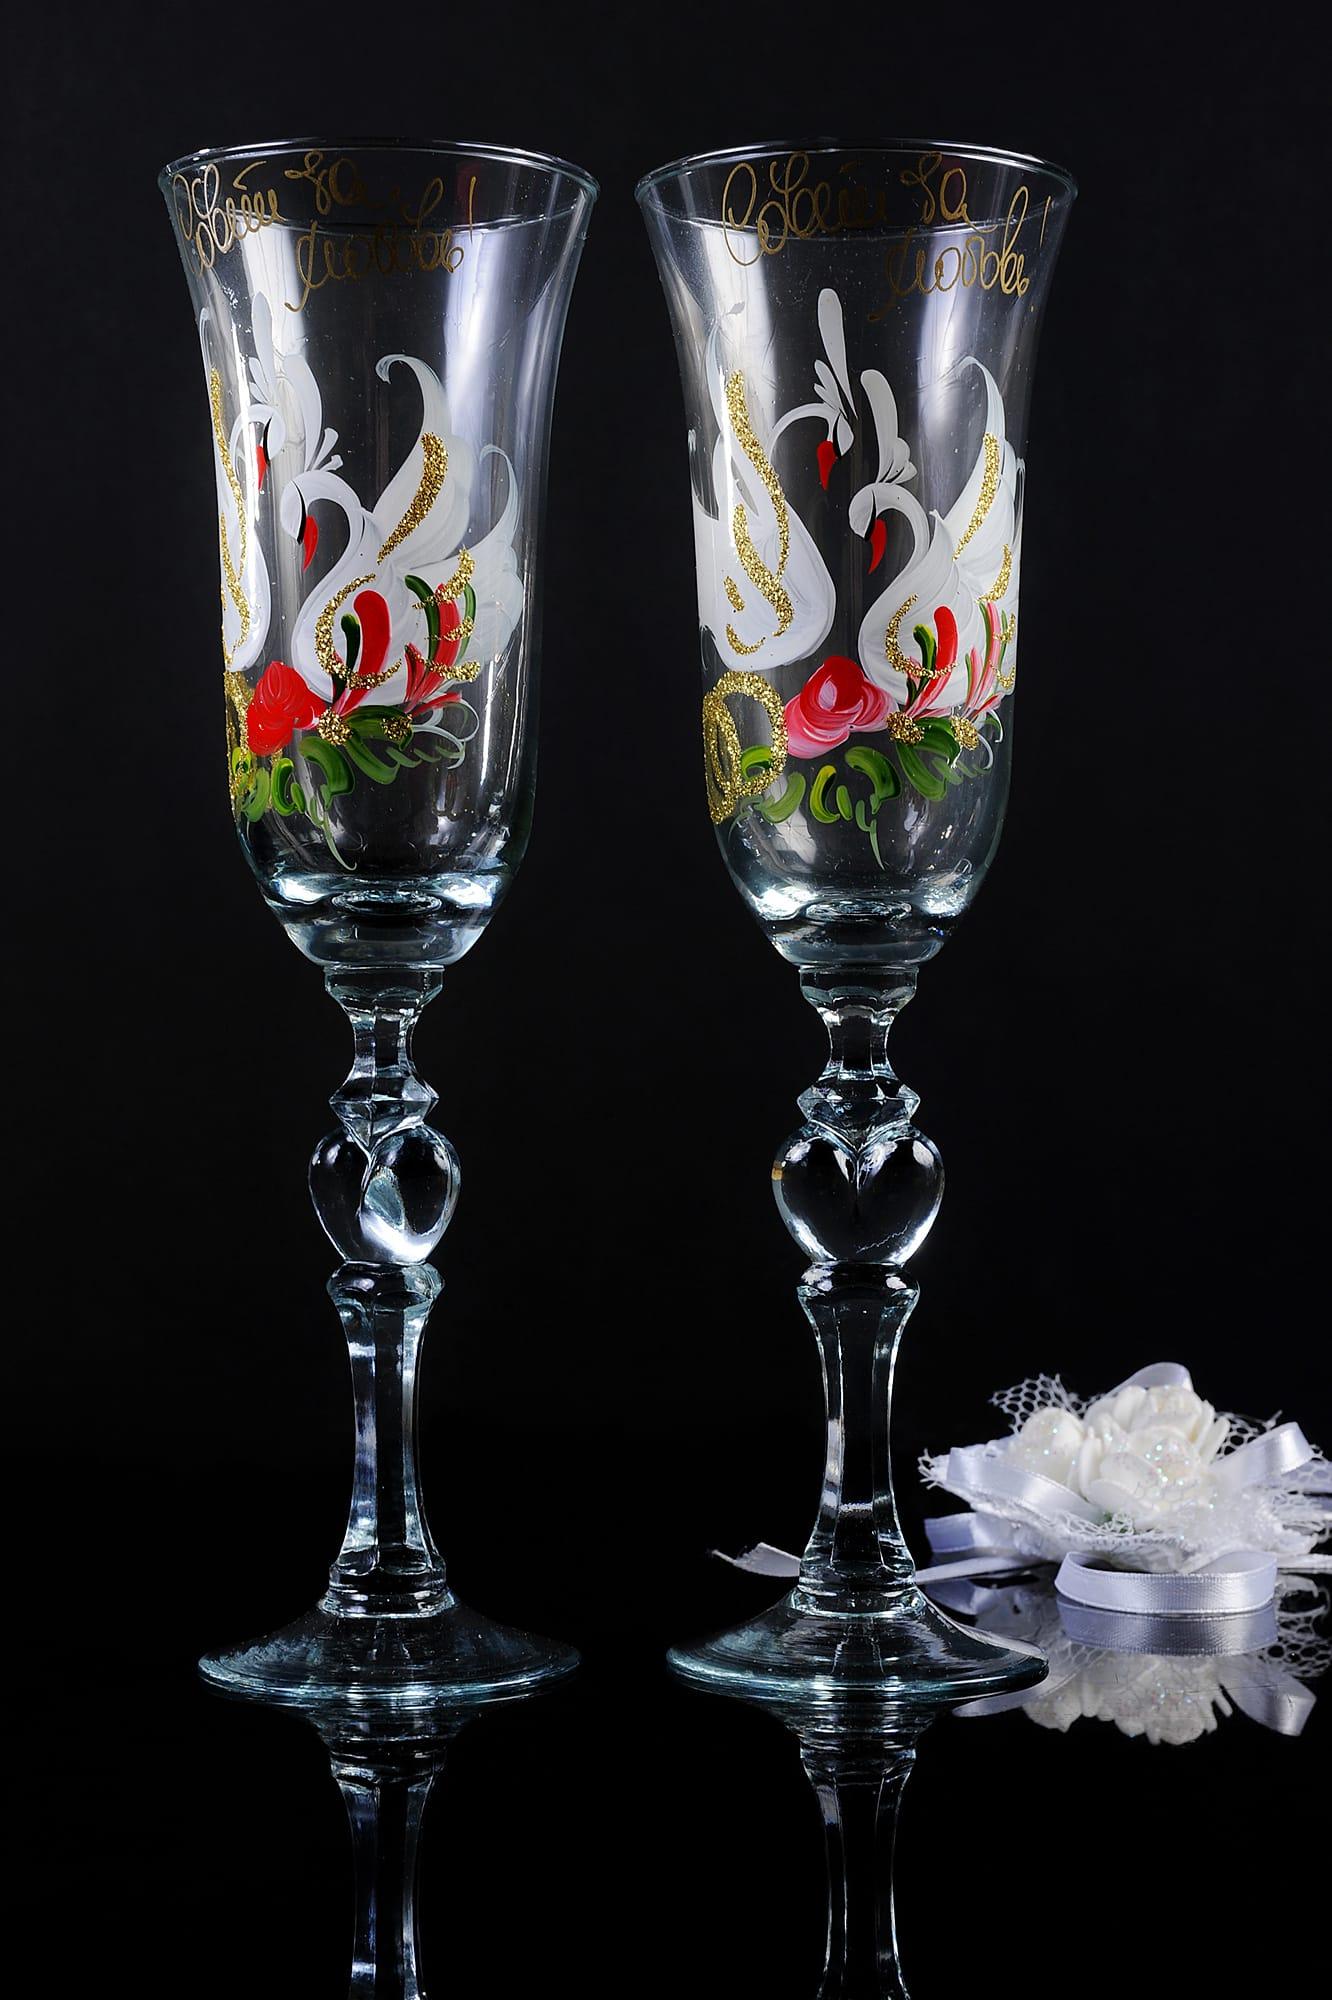 Прозрачные свадебные бокалы с золотистой надписью и разноцветным рисунком.